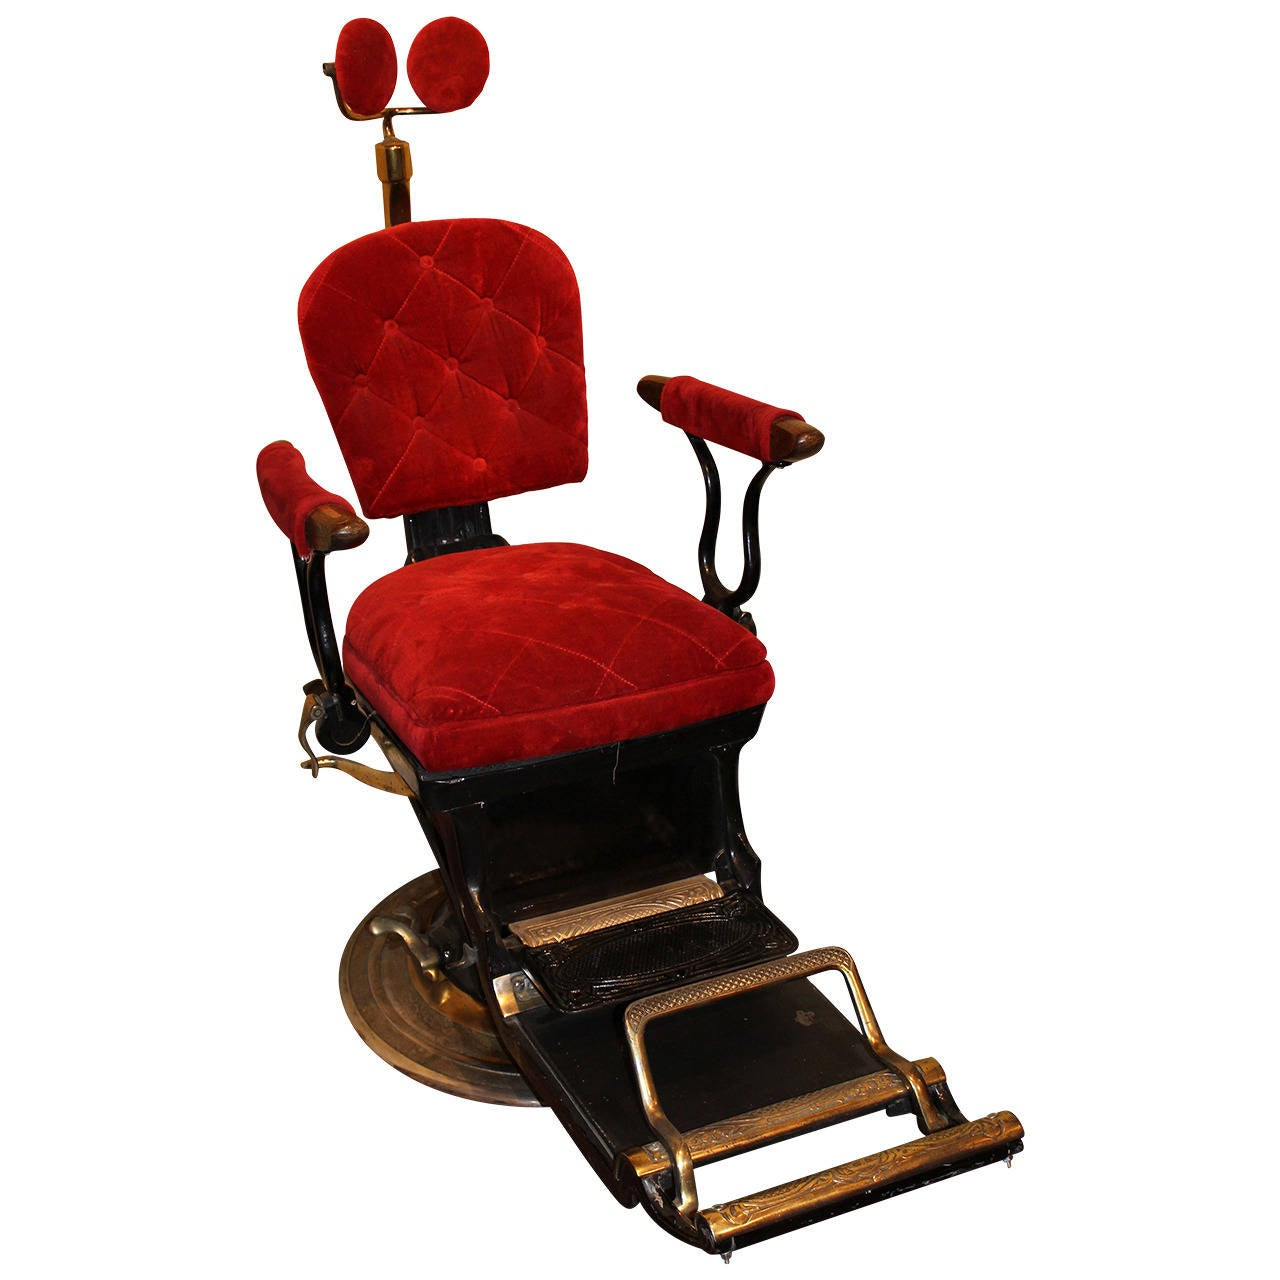 Ritter Imperial Columbia Dental or Dentist Chair, circa 1905-1925 1 - Ritter Imperial Columbia Dental Or Dentist Chair, Circa 1905-1925